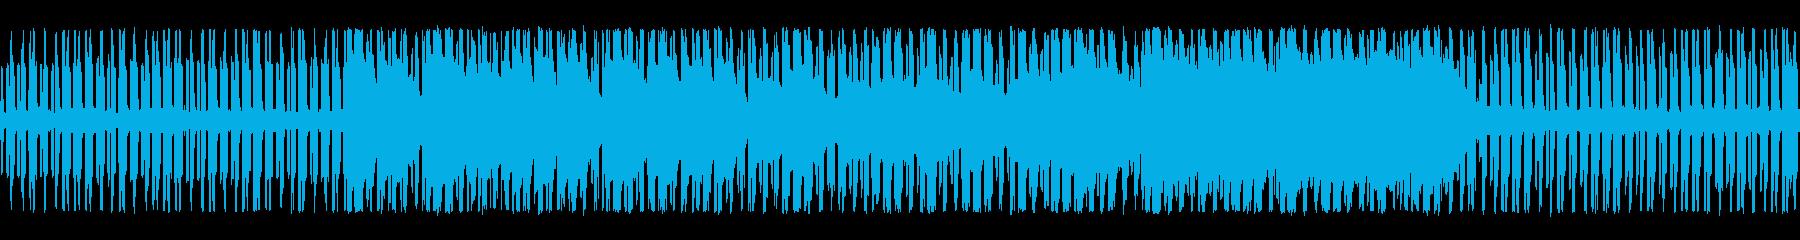 軽快でアクション向きなチップチューンの再生済みの波形